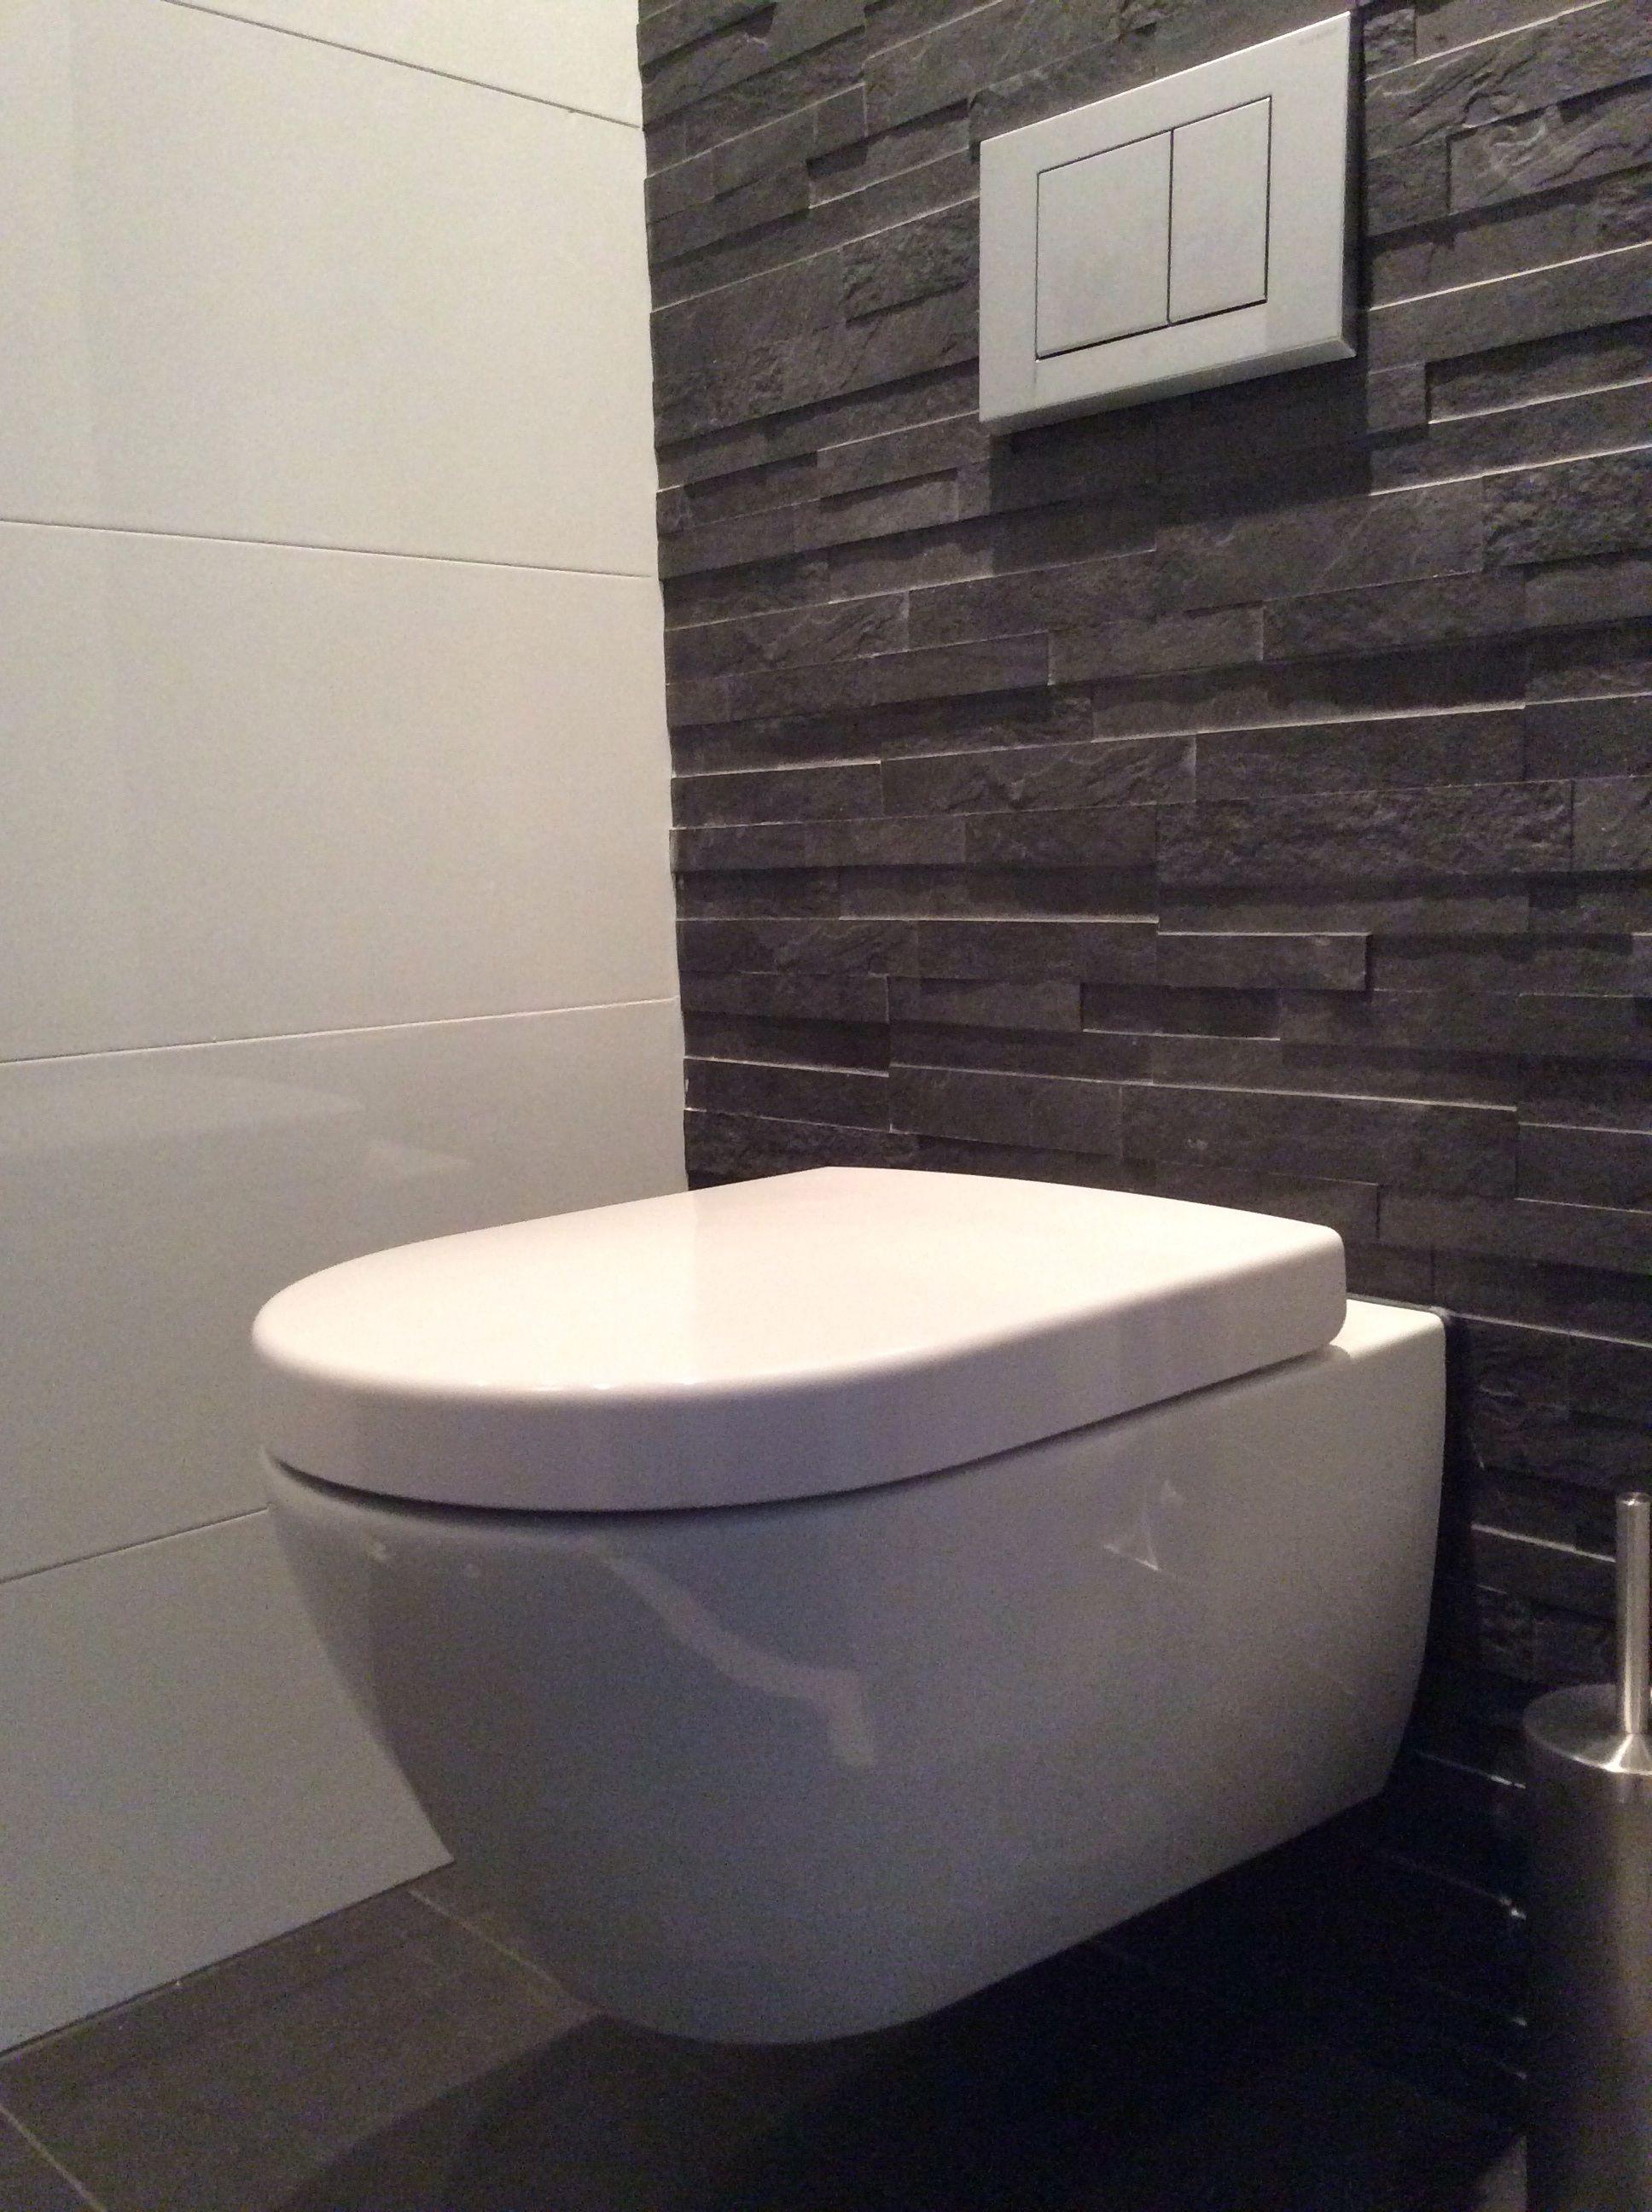 Voorkeur toilet wandtegels - Google zoeken | banyo dekorasyon in 2019 RY01